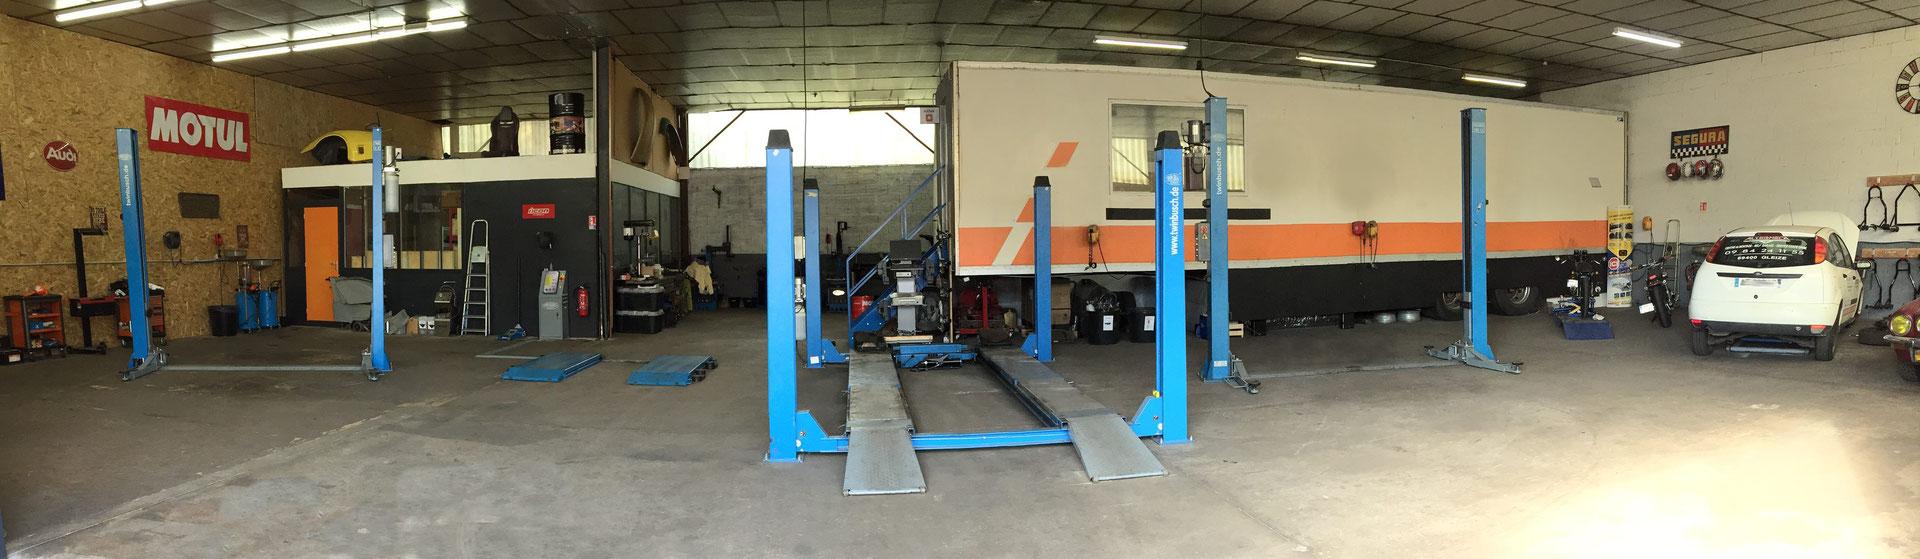 Altermeca centre de montage self garage atelier vw classic for Taux horaire garage volkswagen